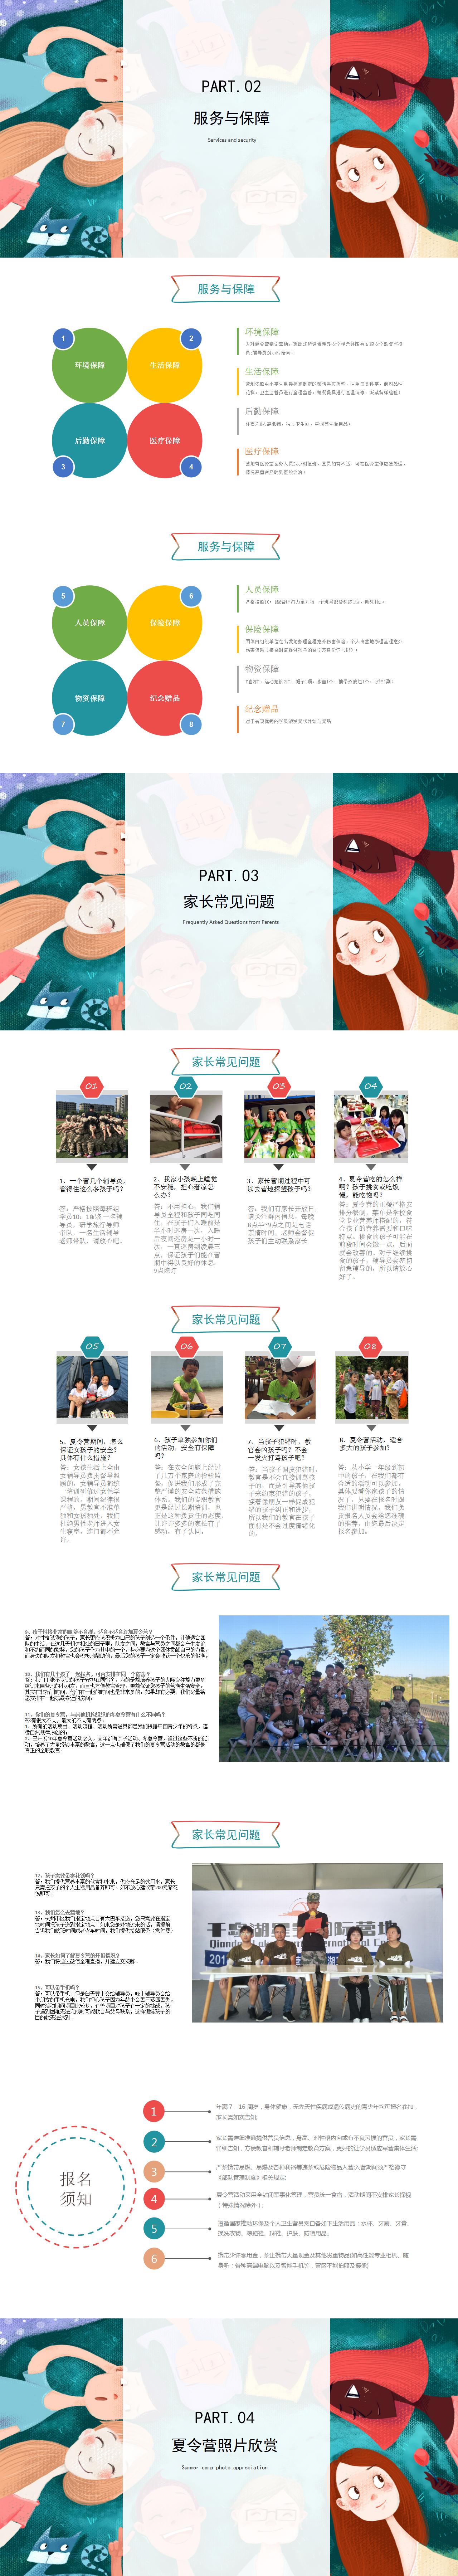 浙西探索营1